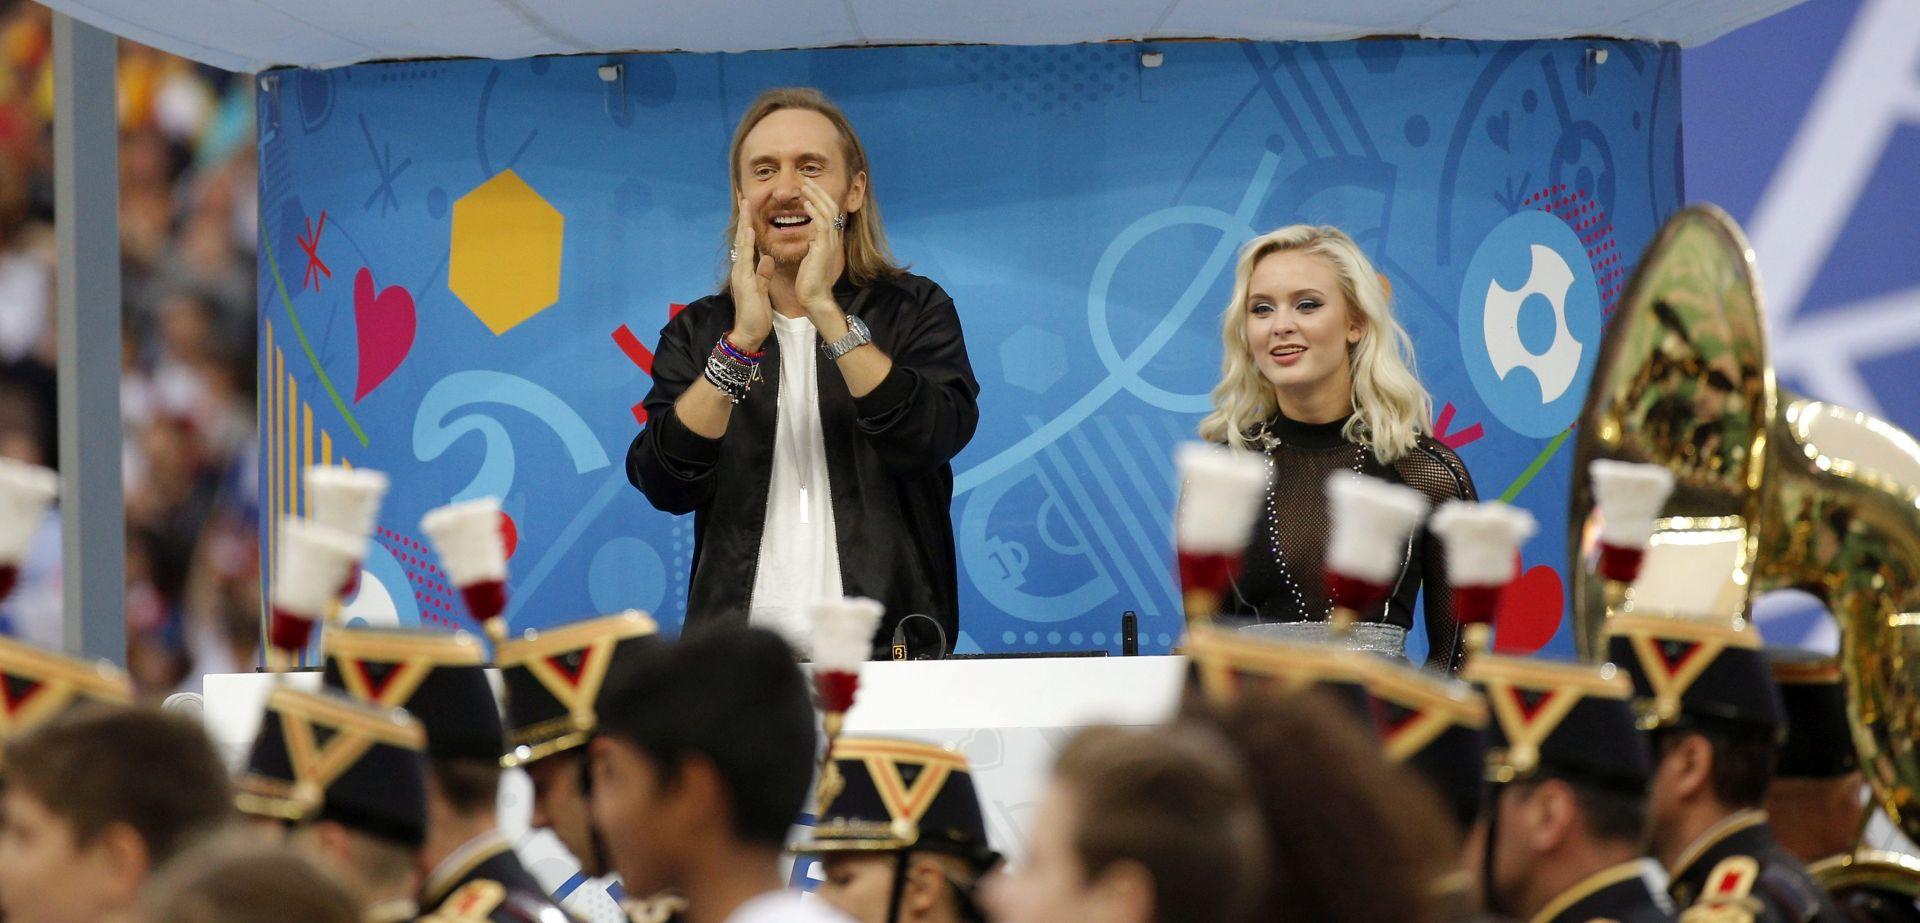 FOTO/ VIDEO:  David Guetta na otvorenju Europskog prvenstva u Francuskoj